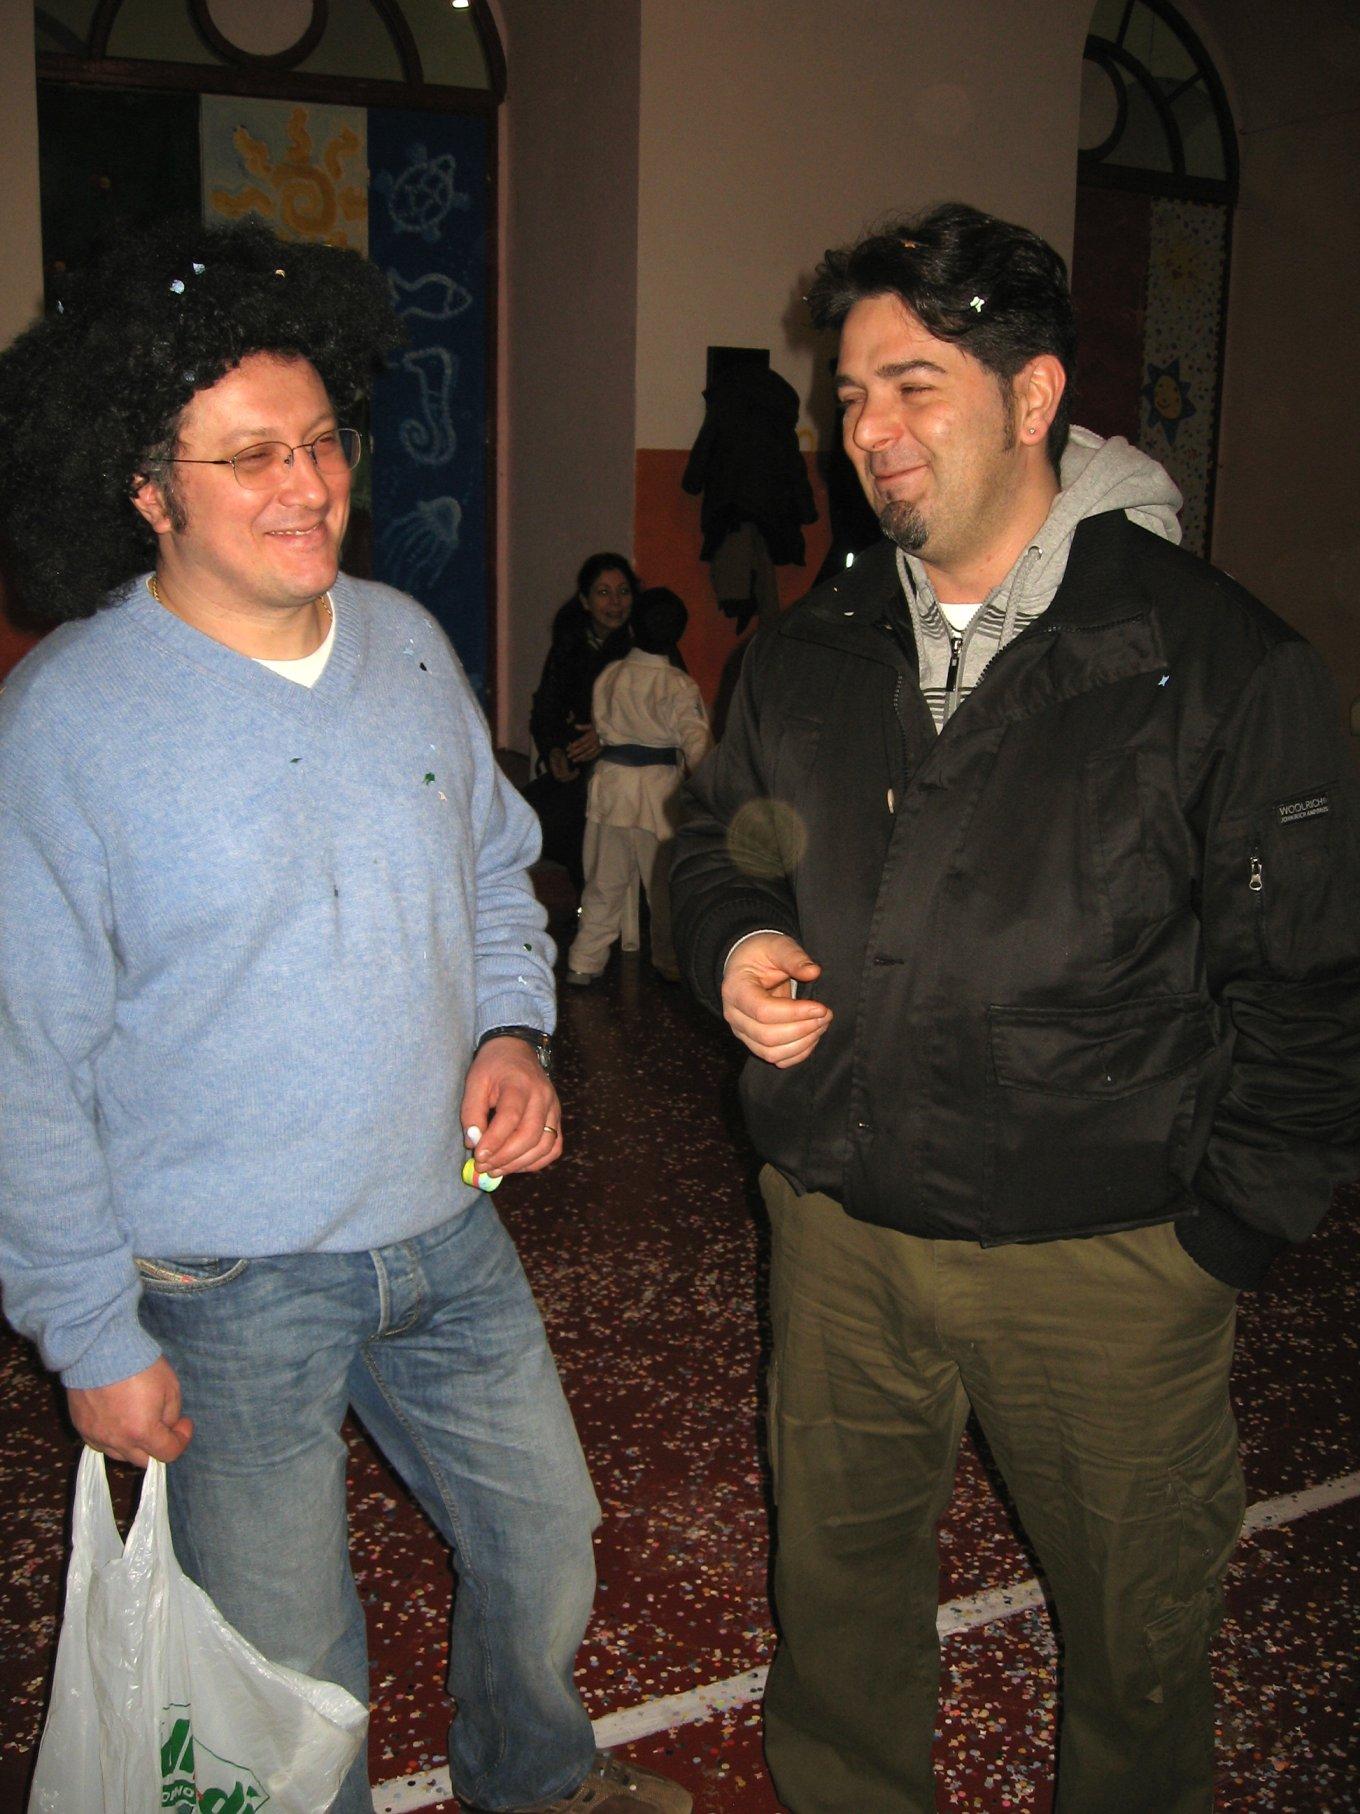 Pentolaccia-2009-02-22--16.25.07.jpg